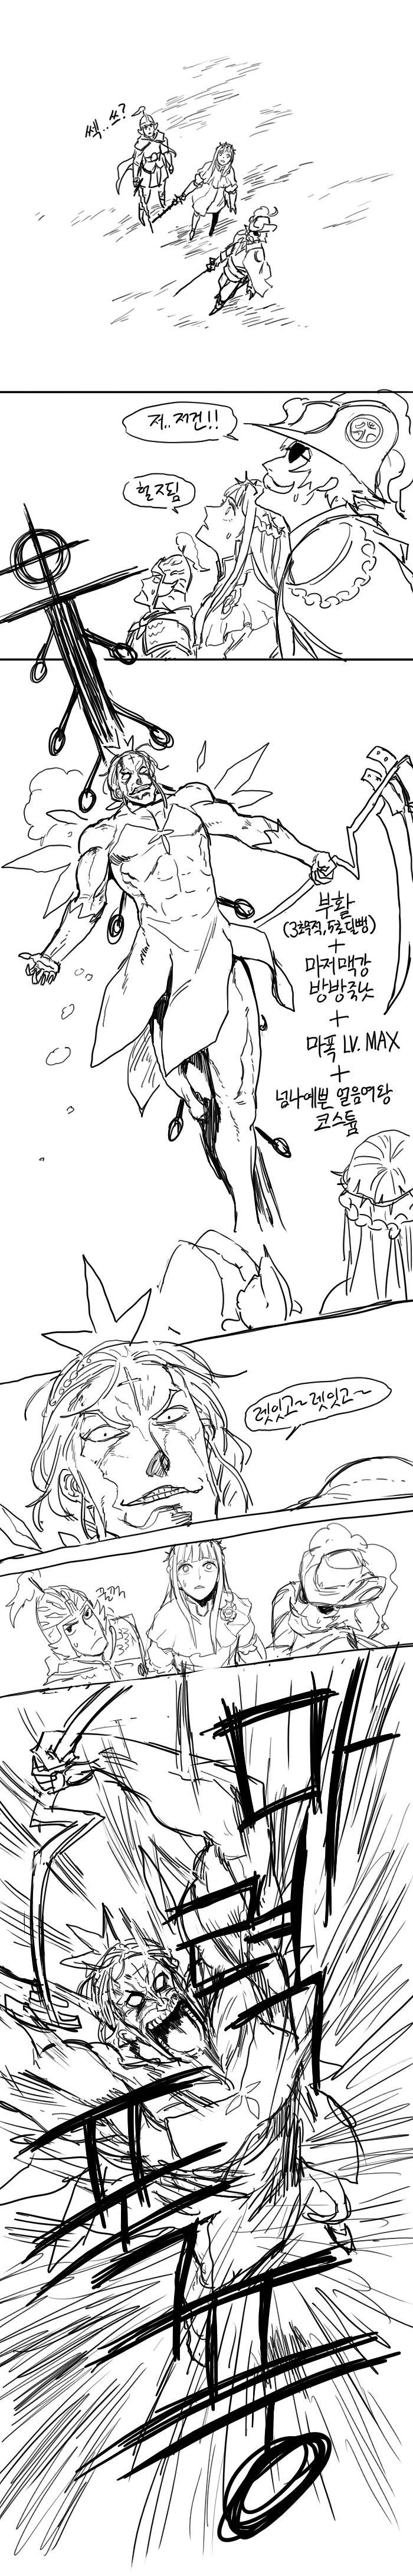 크퀘 결장만화6. - 크루세이더 퀘스트 인벤 '정정정정정'